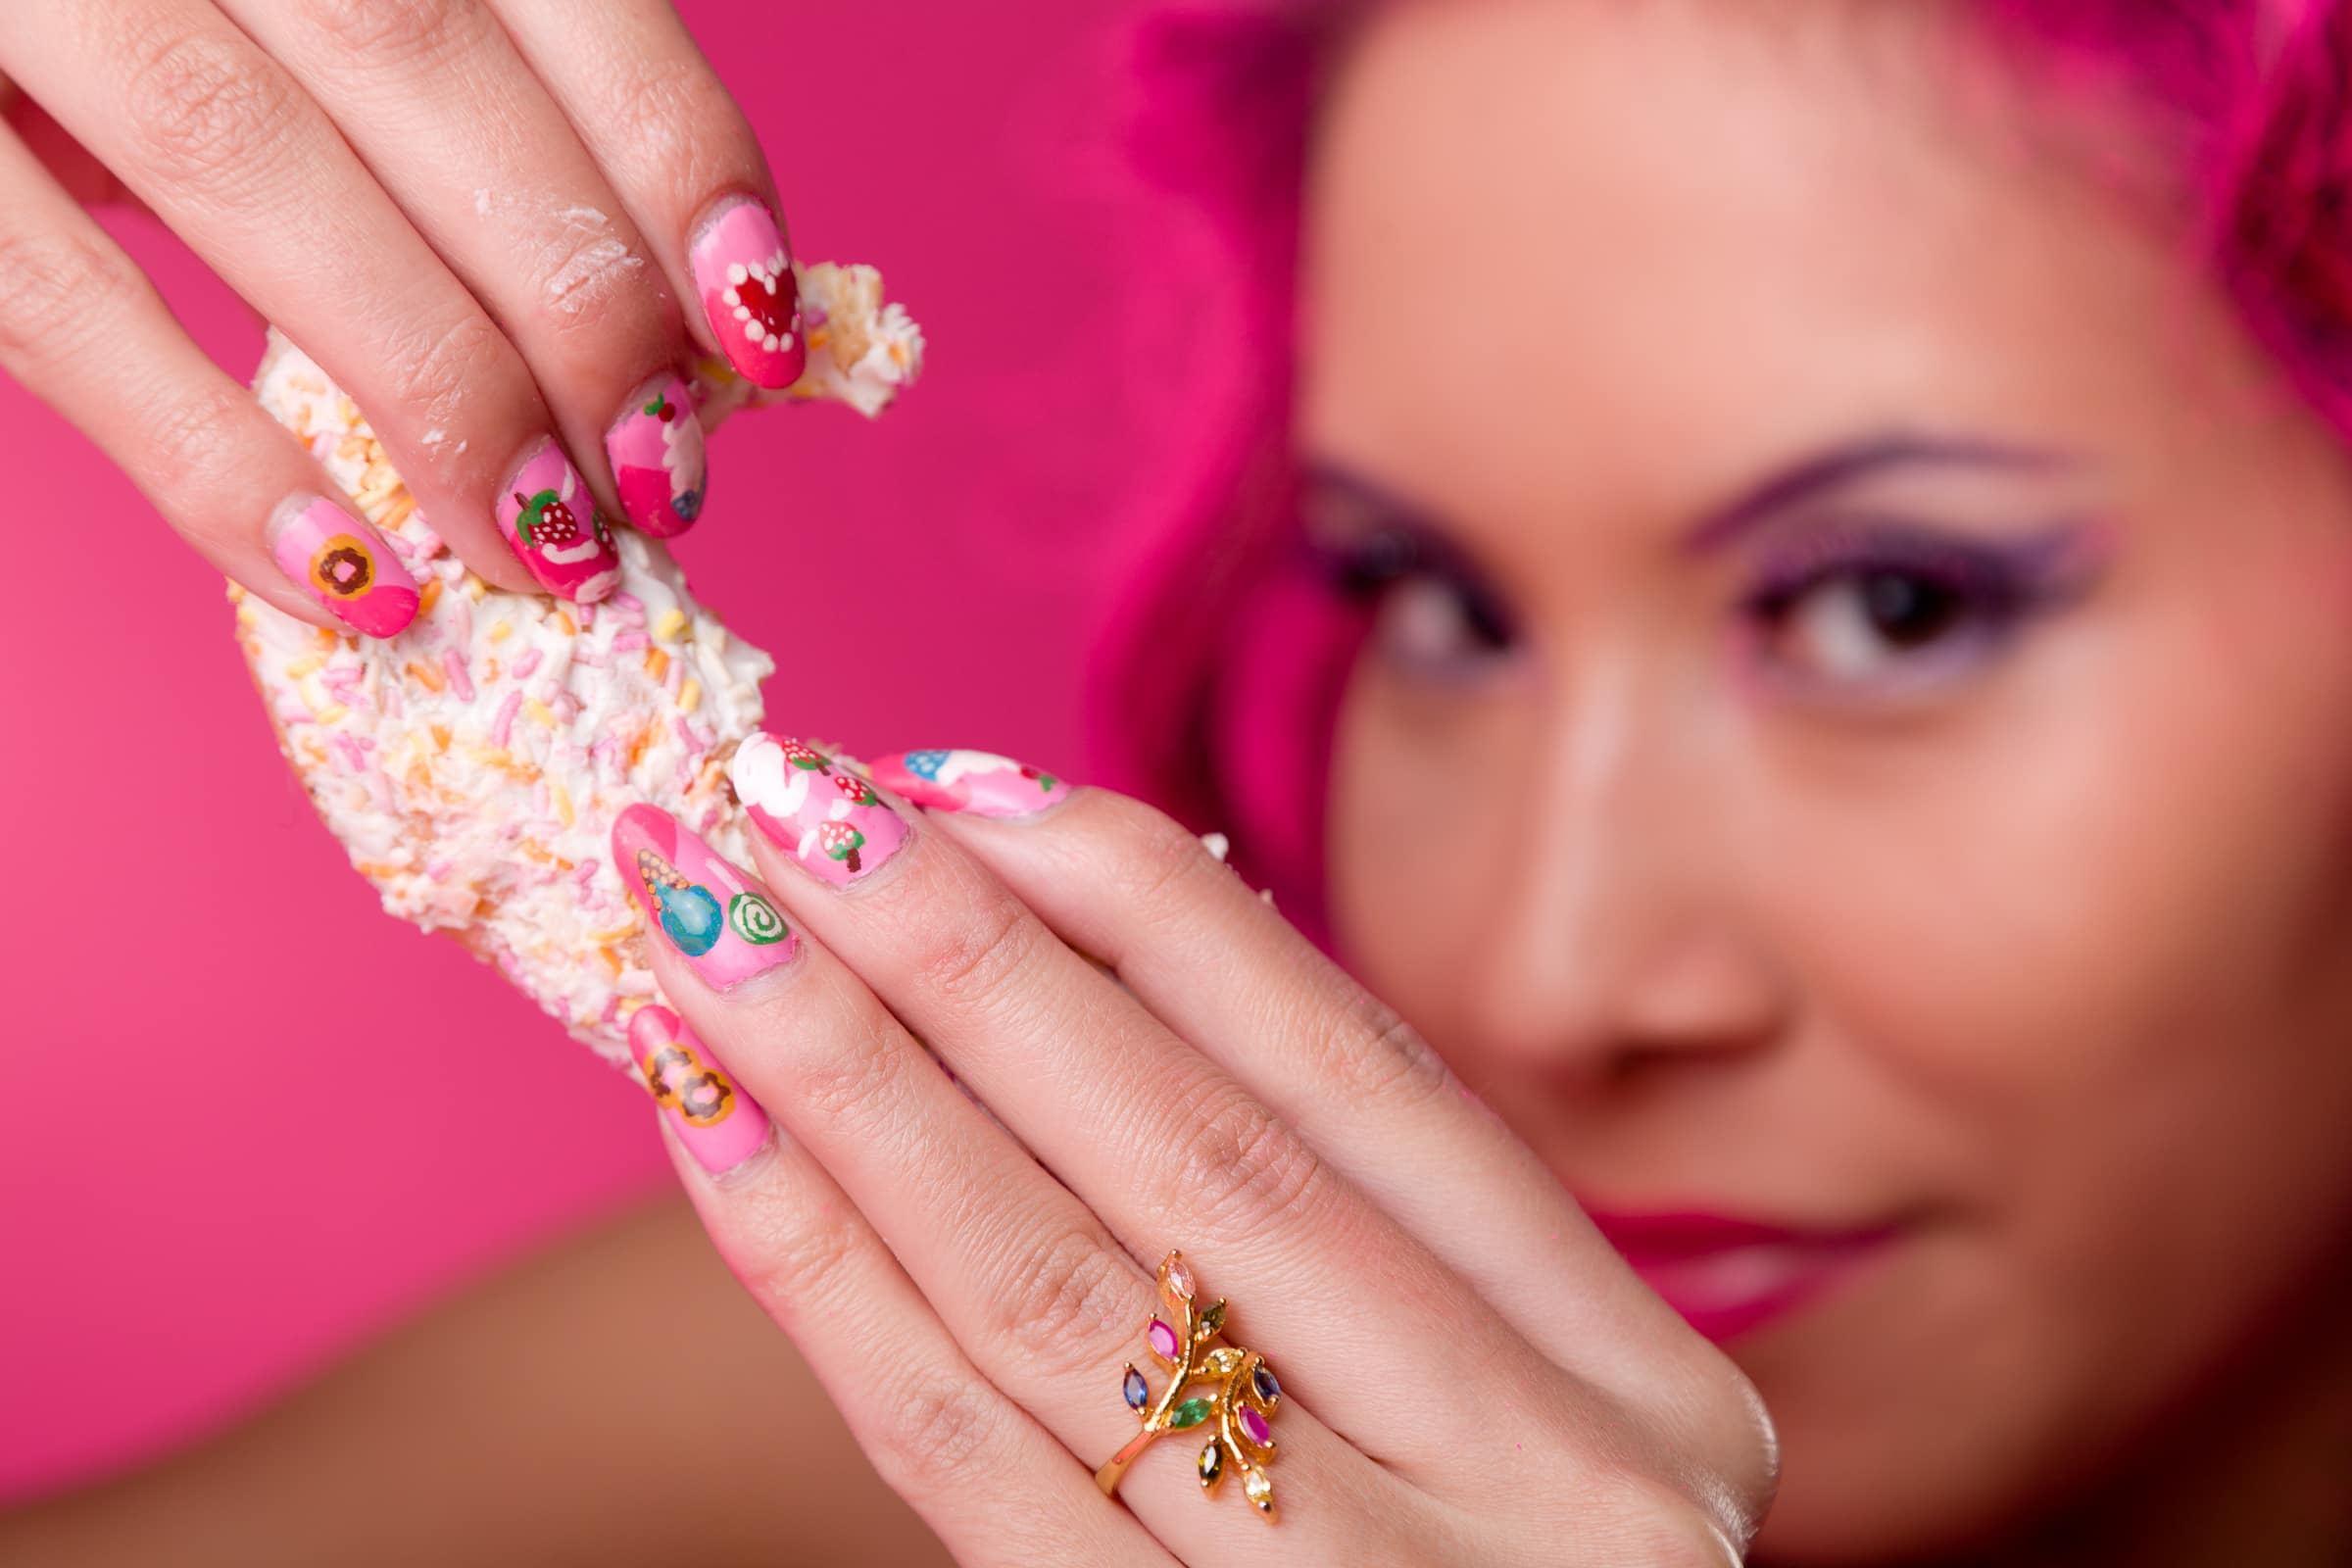 jenny suv femme genève modèle mannequin suisse maquilleuse danseuse nu charme nail art